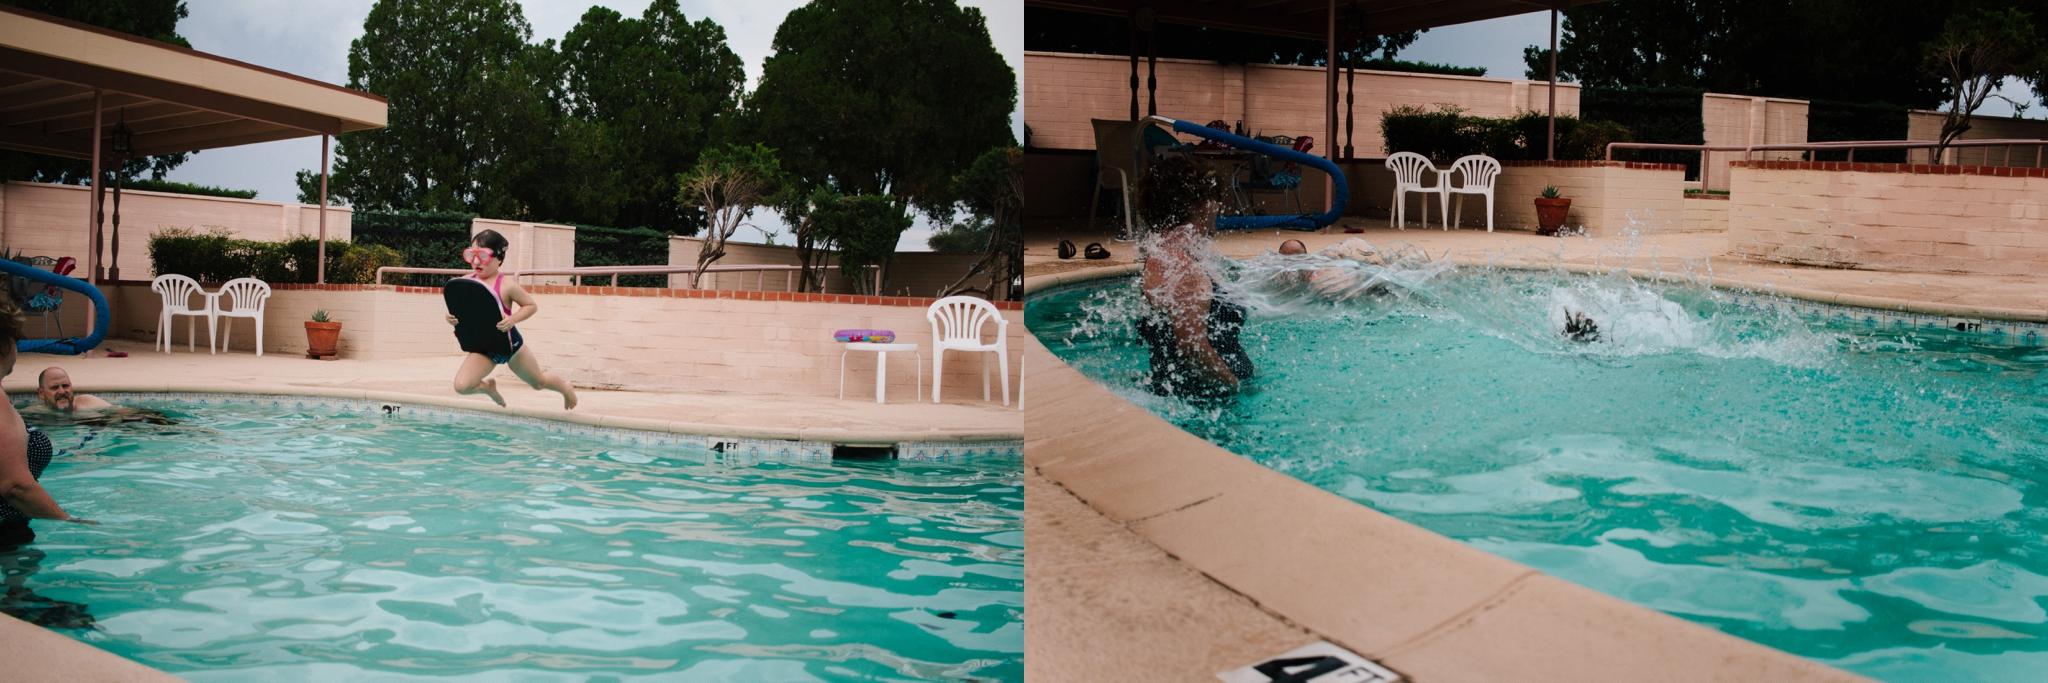 Swimming_0005.jpg